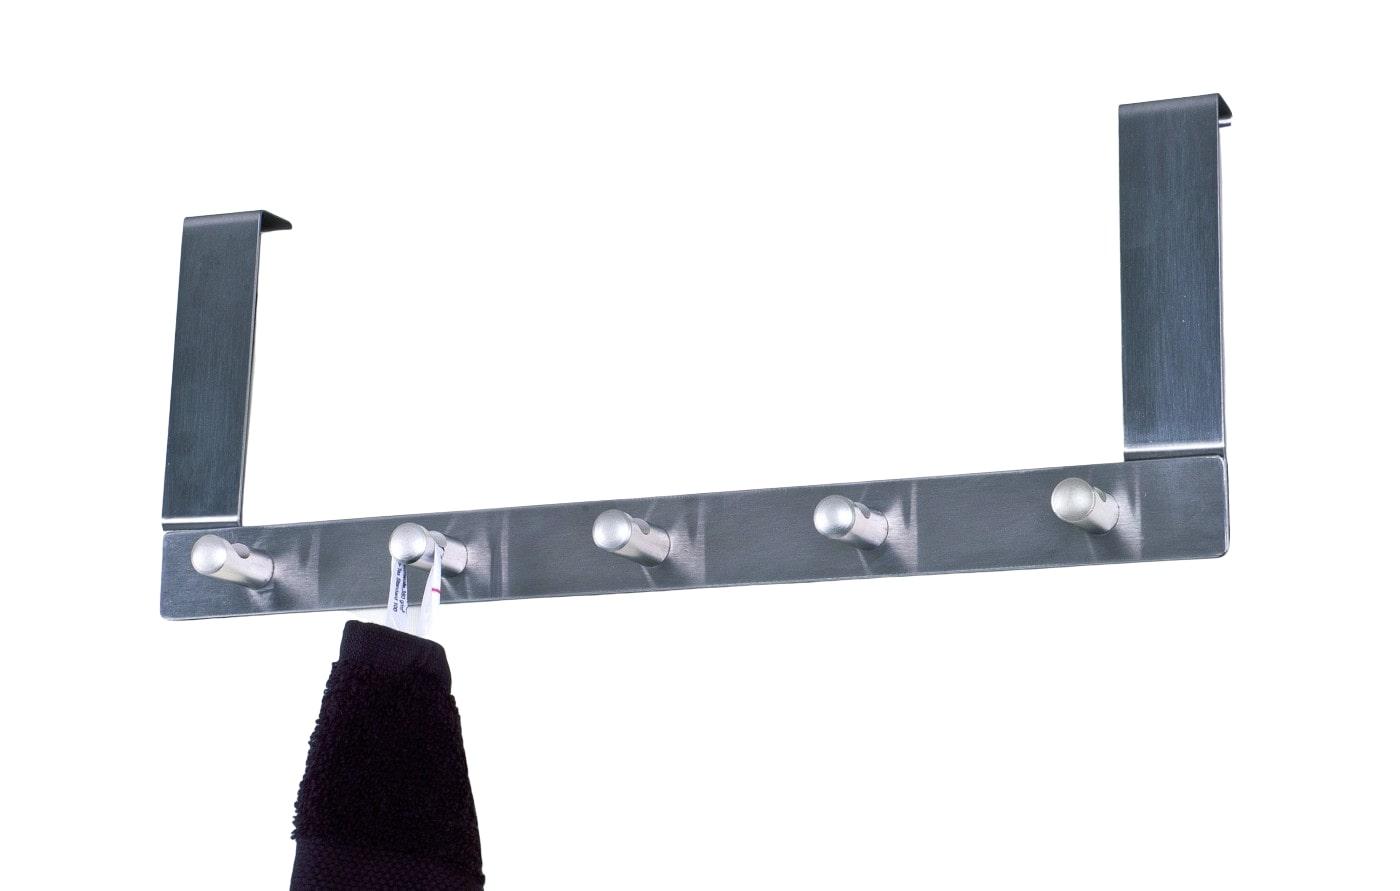 Závěsný věšák na dveře s 5 háčky Konny, 25 cm